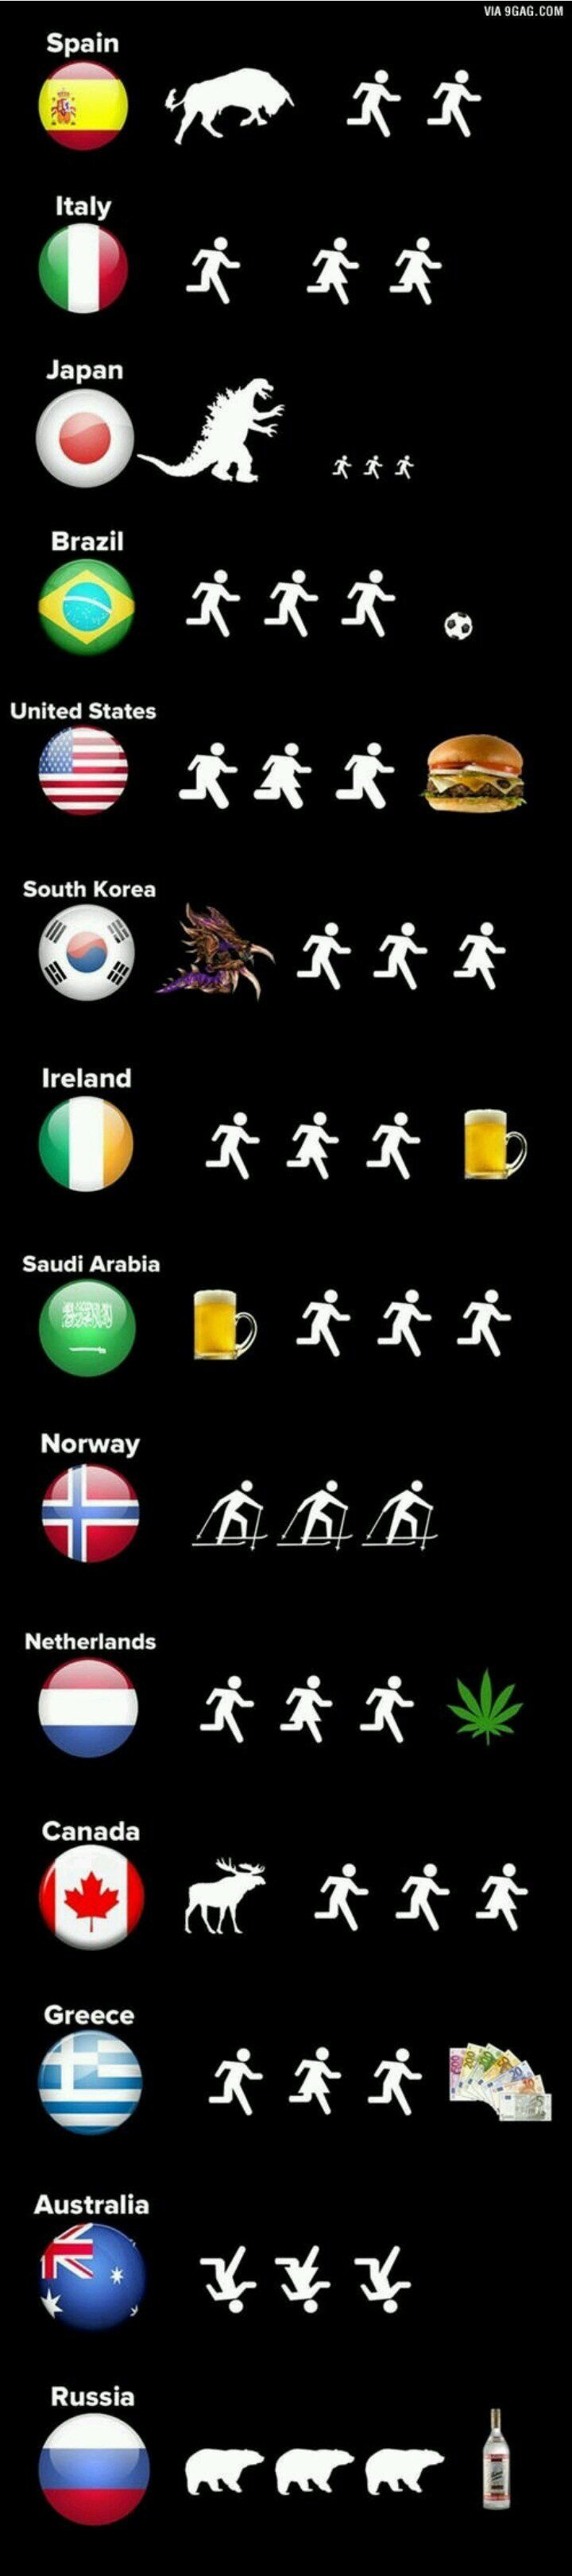 imagen que muestra gráficamente la razón por la que las personas corren en cada país.